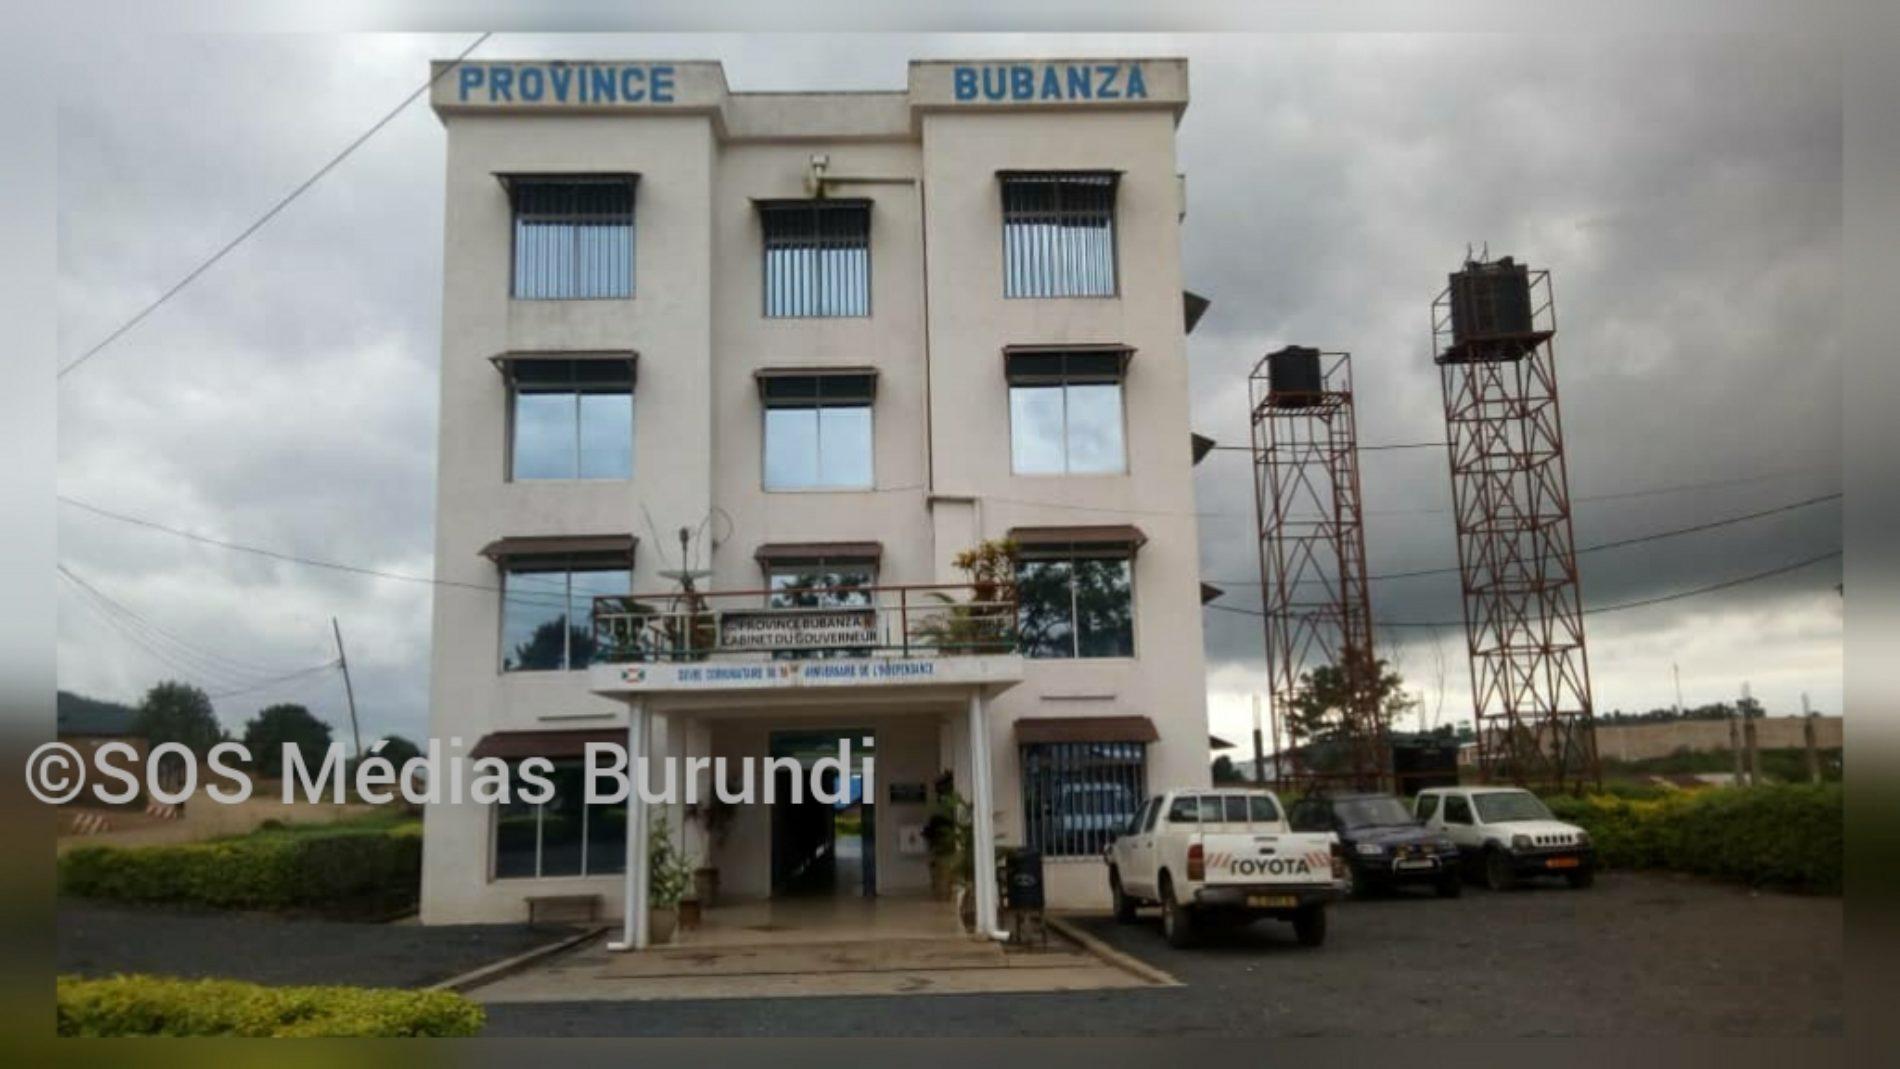 Bubanza : une récompense d'un million de francs burundais pour toute personne qui dénoncera un malfaiteur